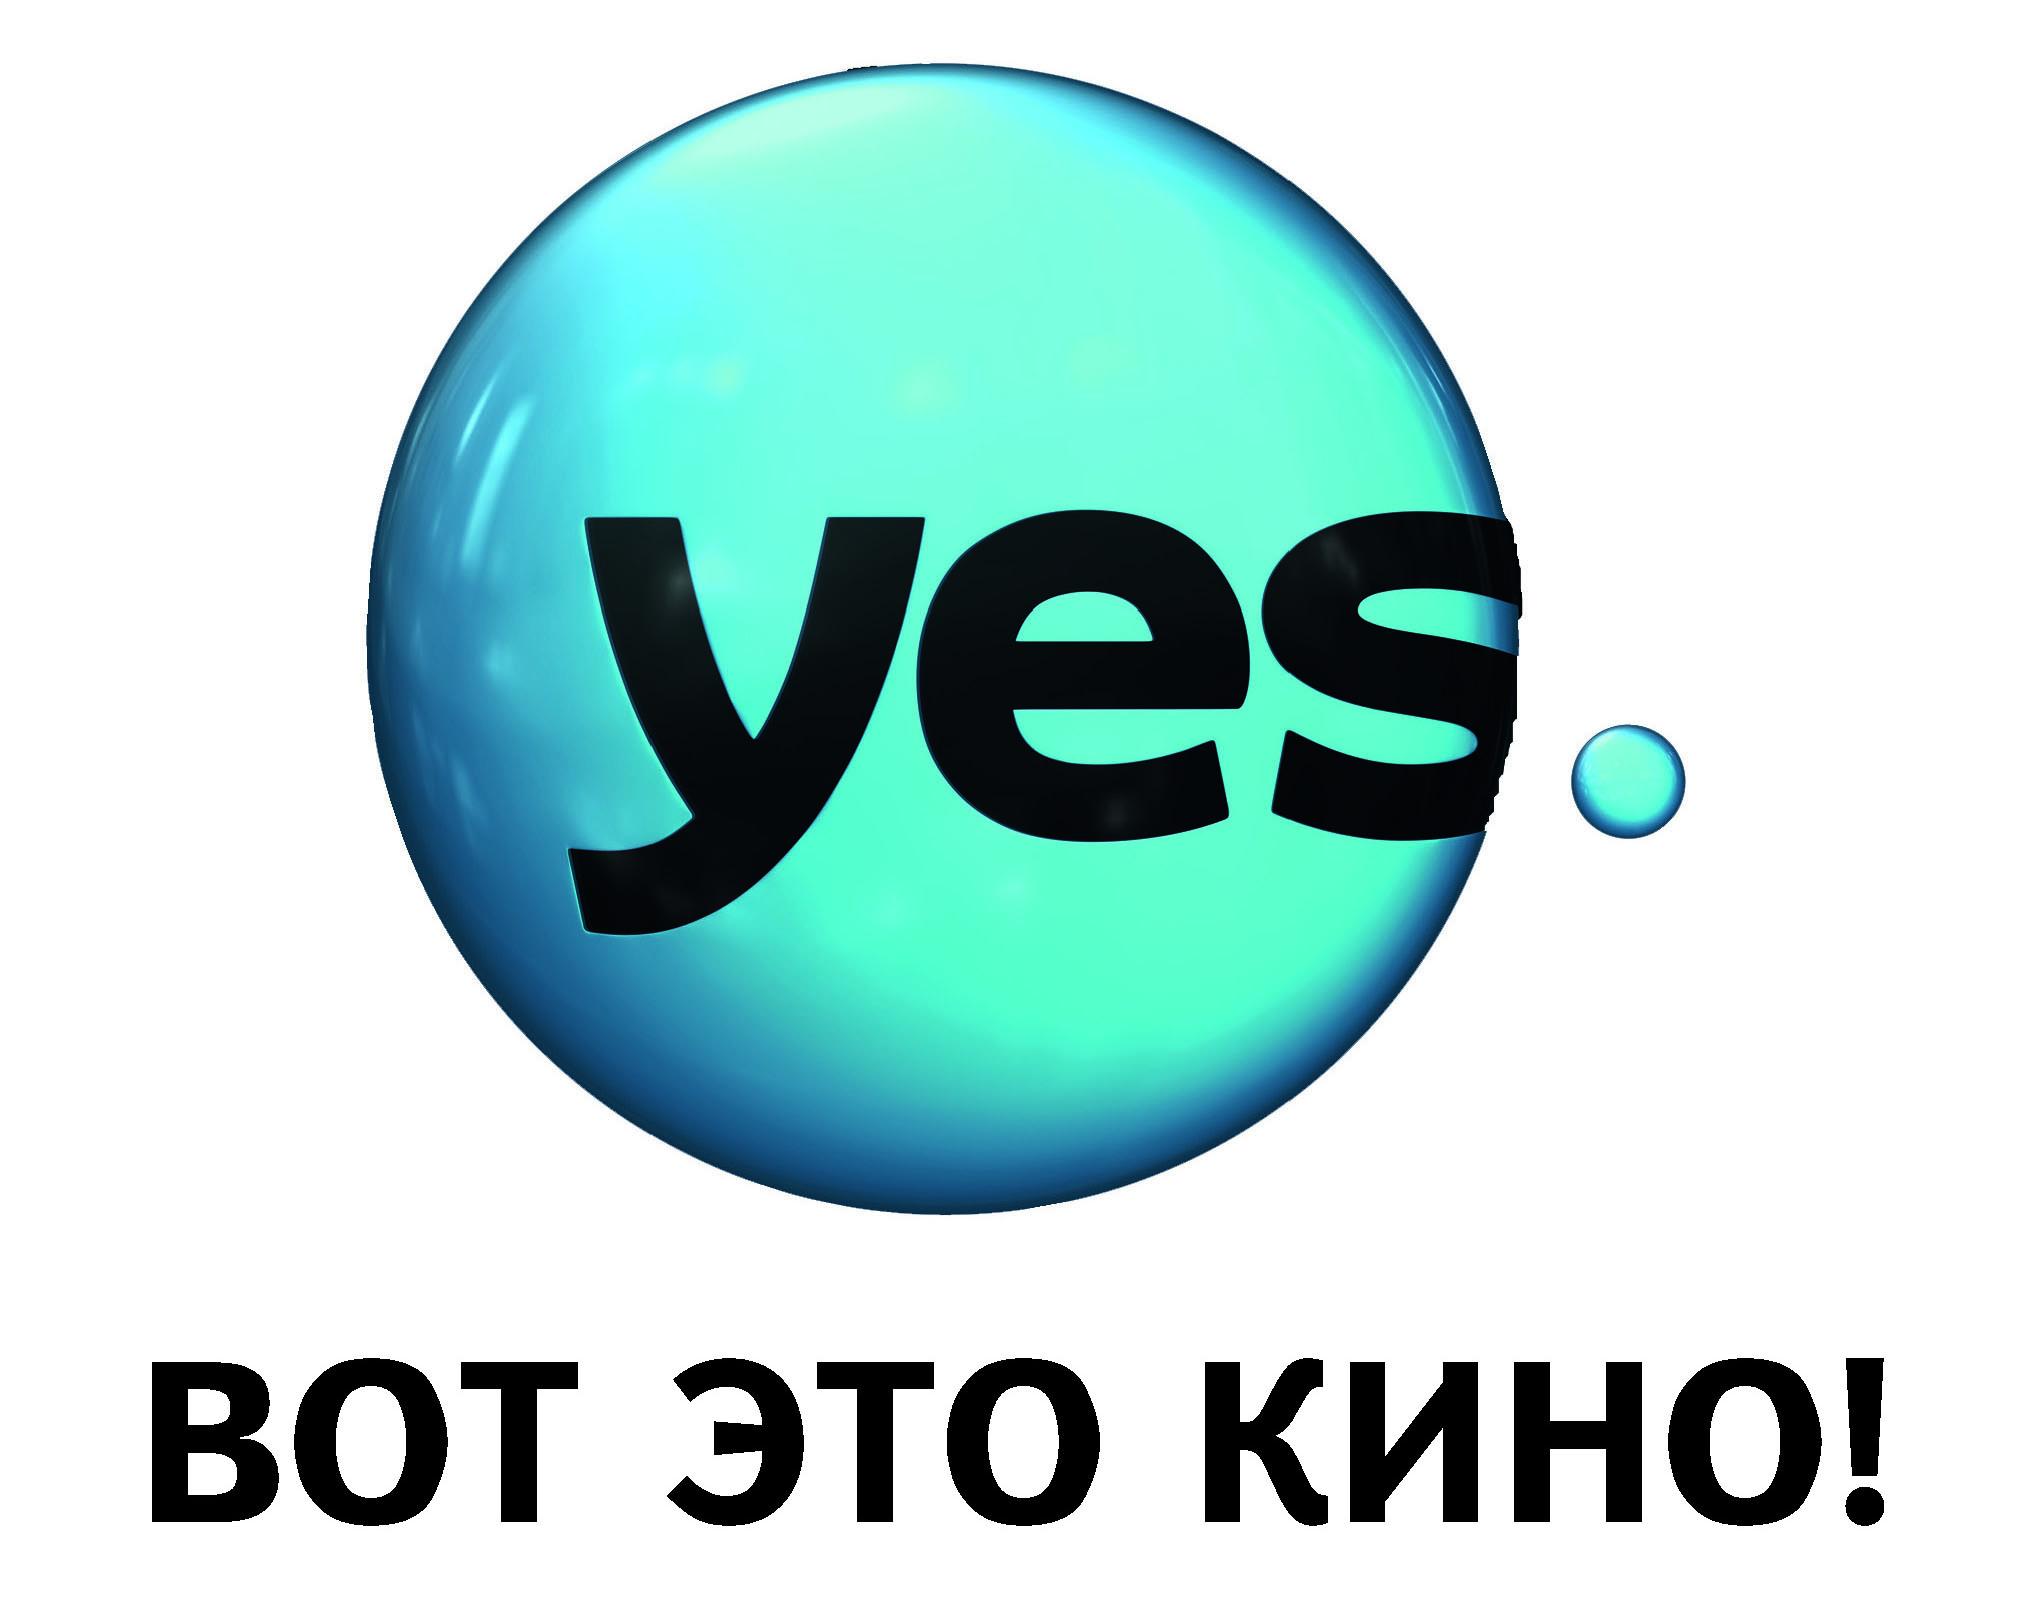 Эксклюзивная услуга yes: получаем помощь не отходя от Фейсбука